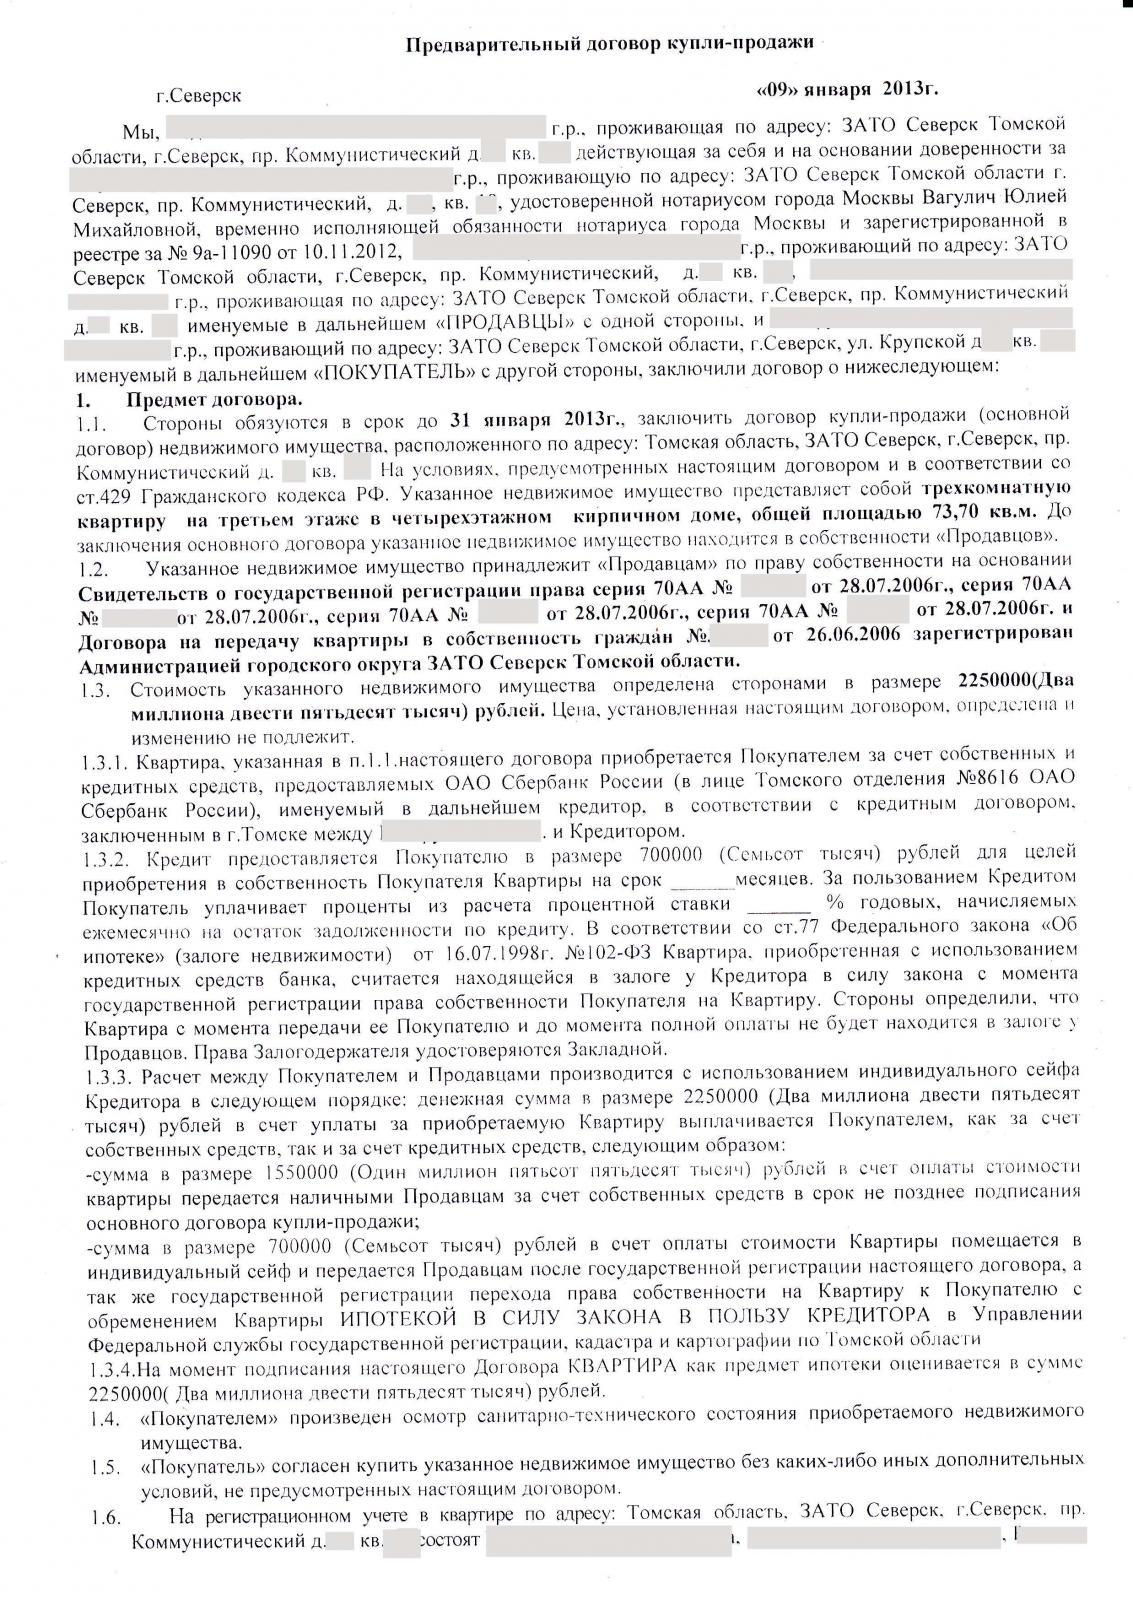 КОНСТИТУЦИОННЫЙ СУД РОССИЙСКОЙ